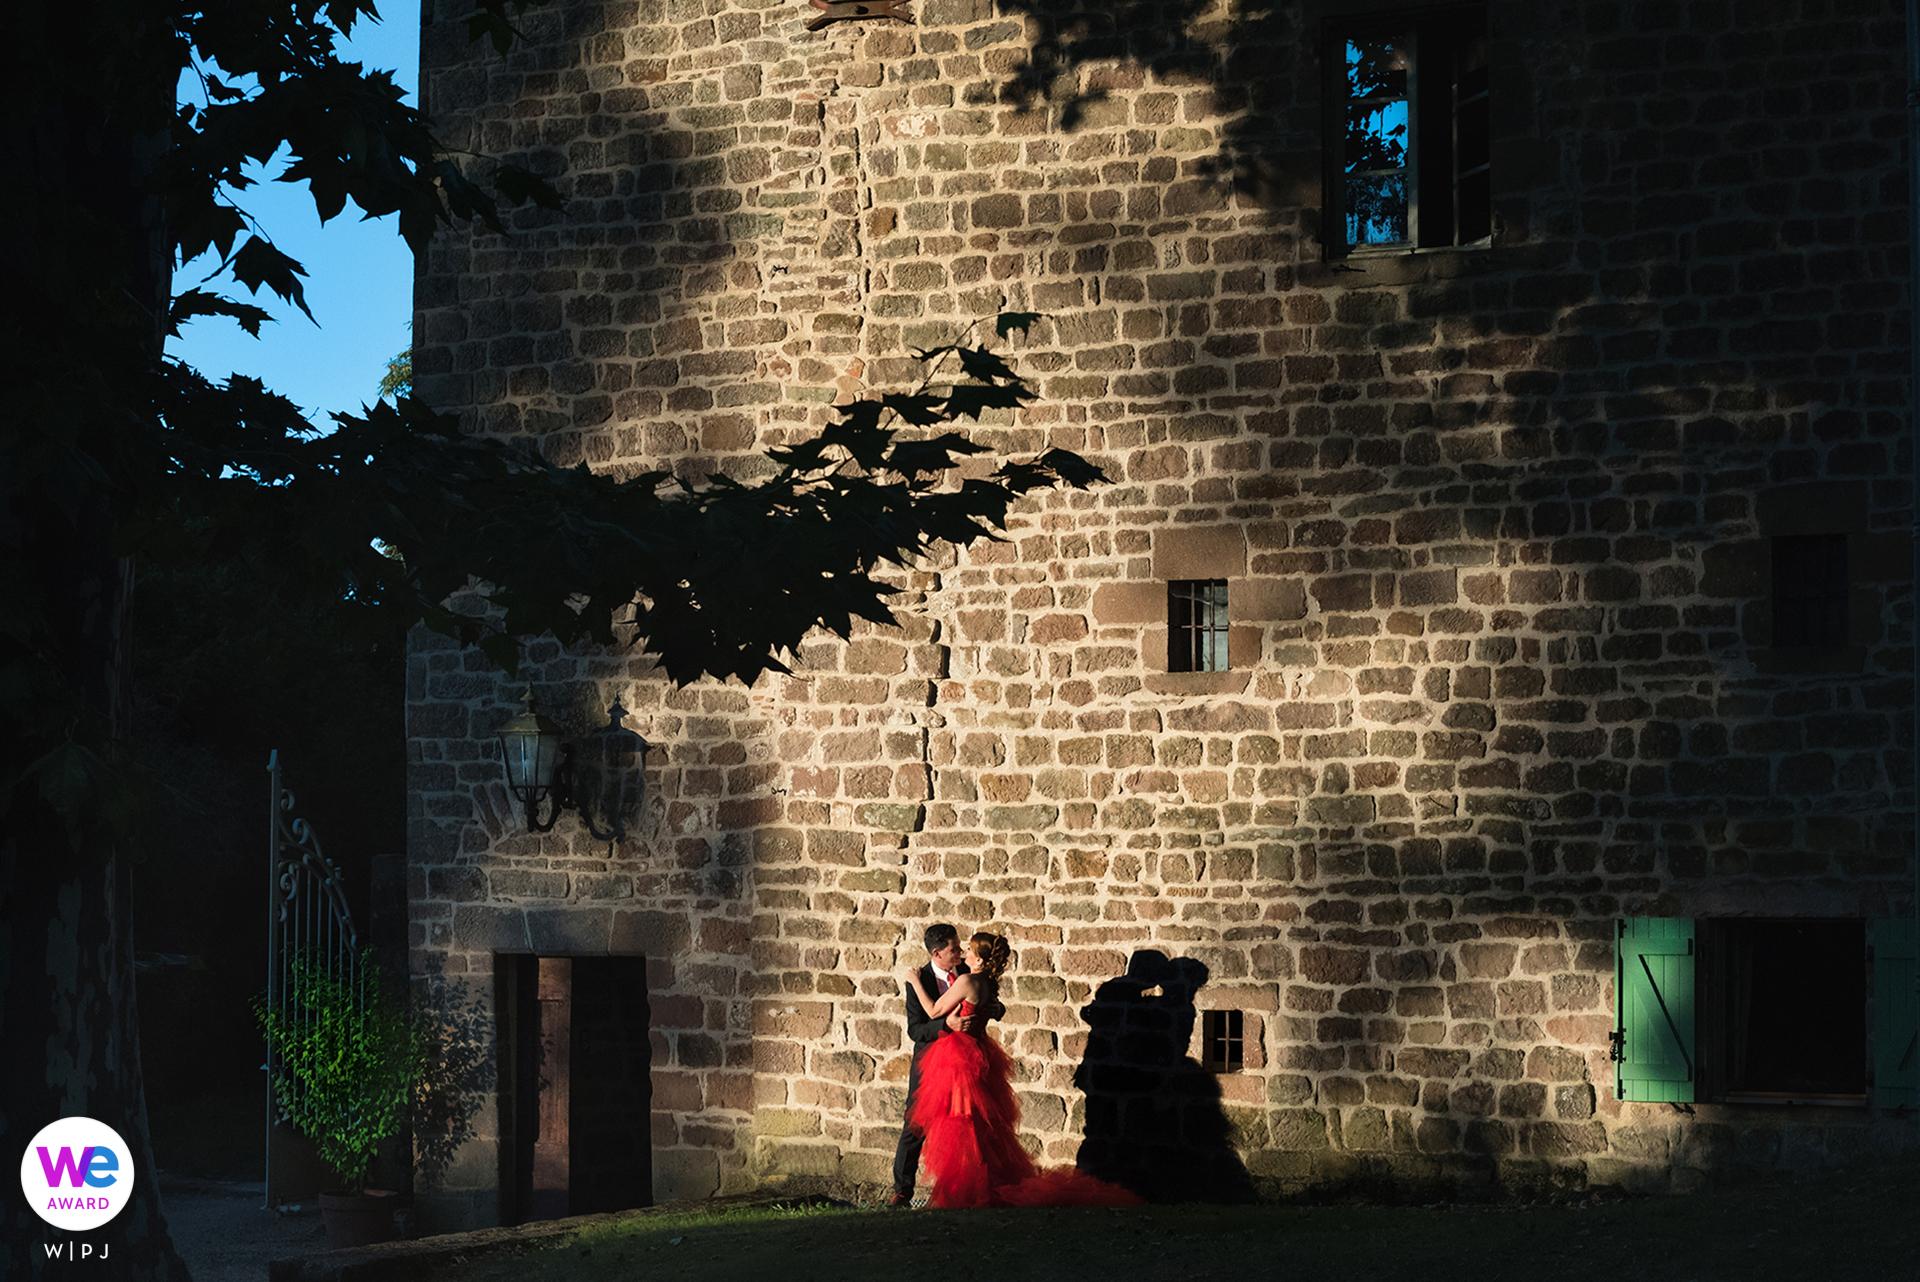 Château Labistoul, Cordes-sur-Ciel, France Elopement Photography | La cérémonie civile s'est déroulée dans le magnifique hôtel de ville de Toulouse